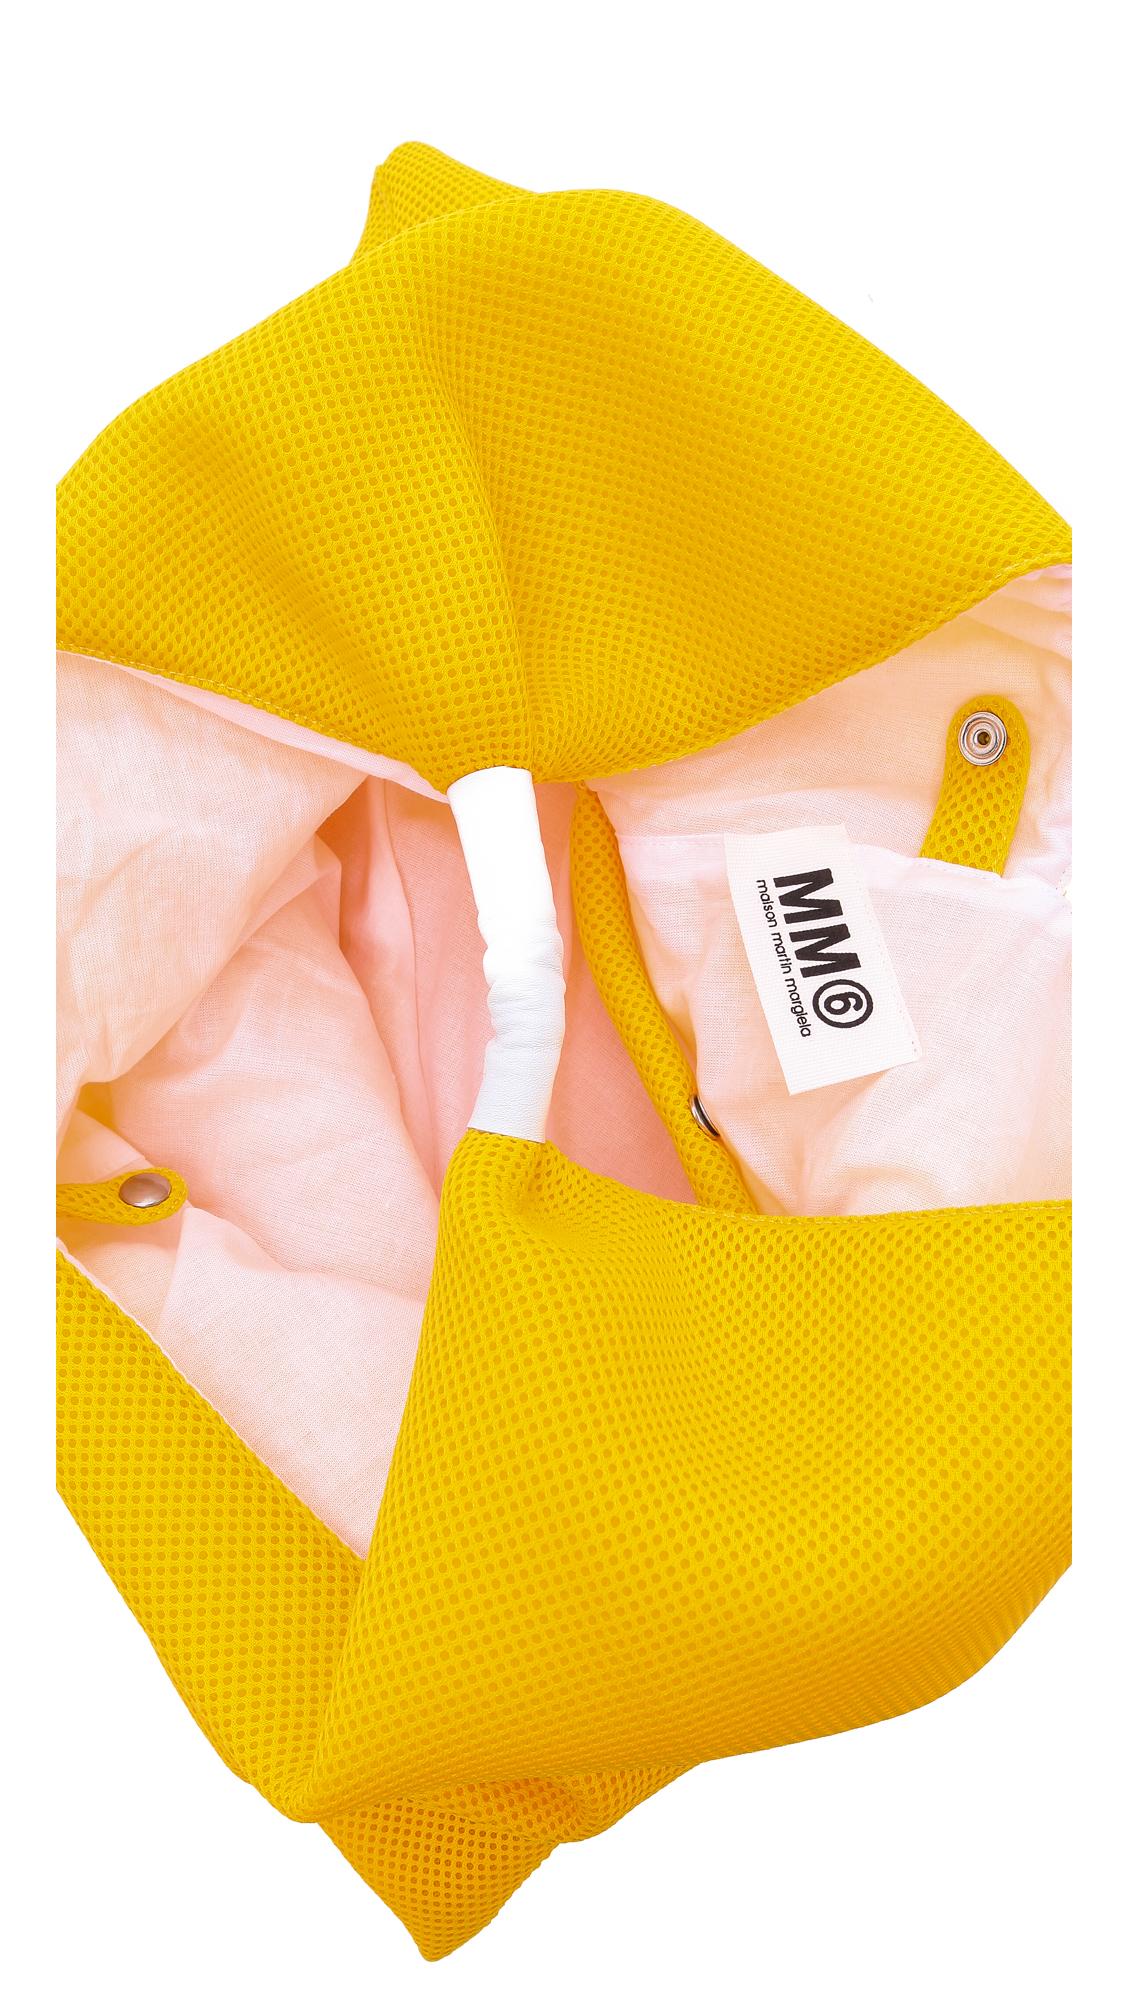 Mm6 Triangle Bag Shopbop Niion Lunar Running Black